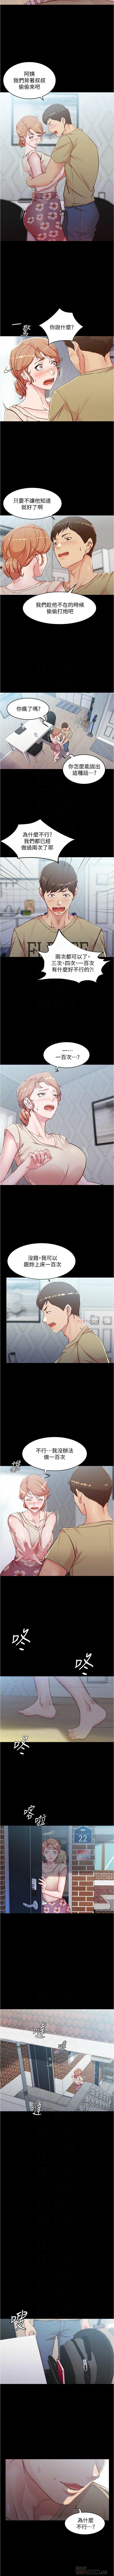 panty note 小褲褲筆記 小裤裤笔记 01-35 连载中 中文 重新排序 Reorder 206